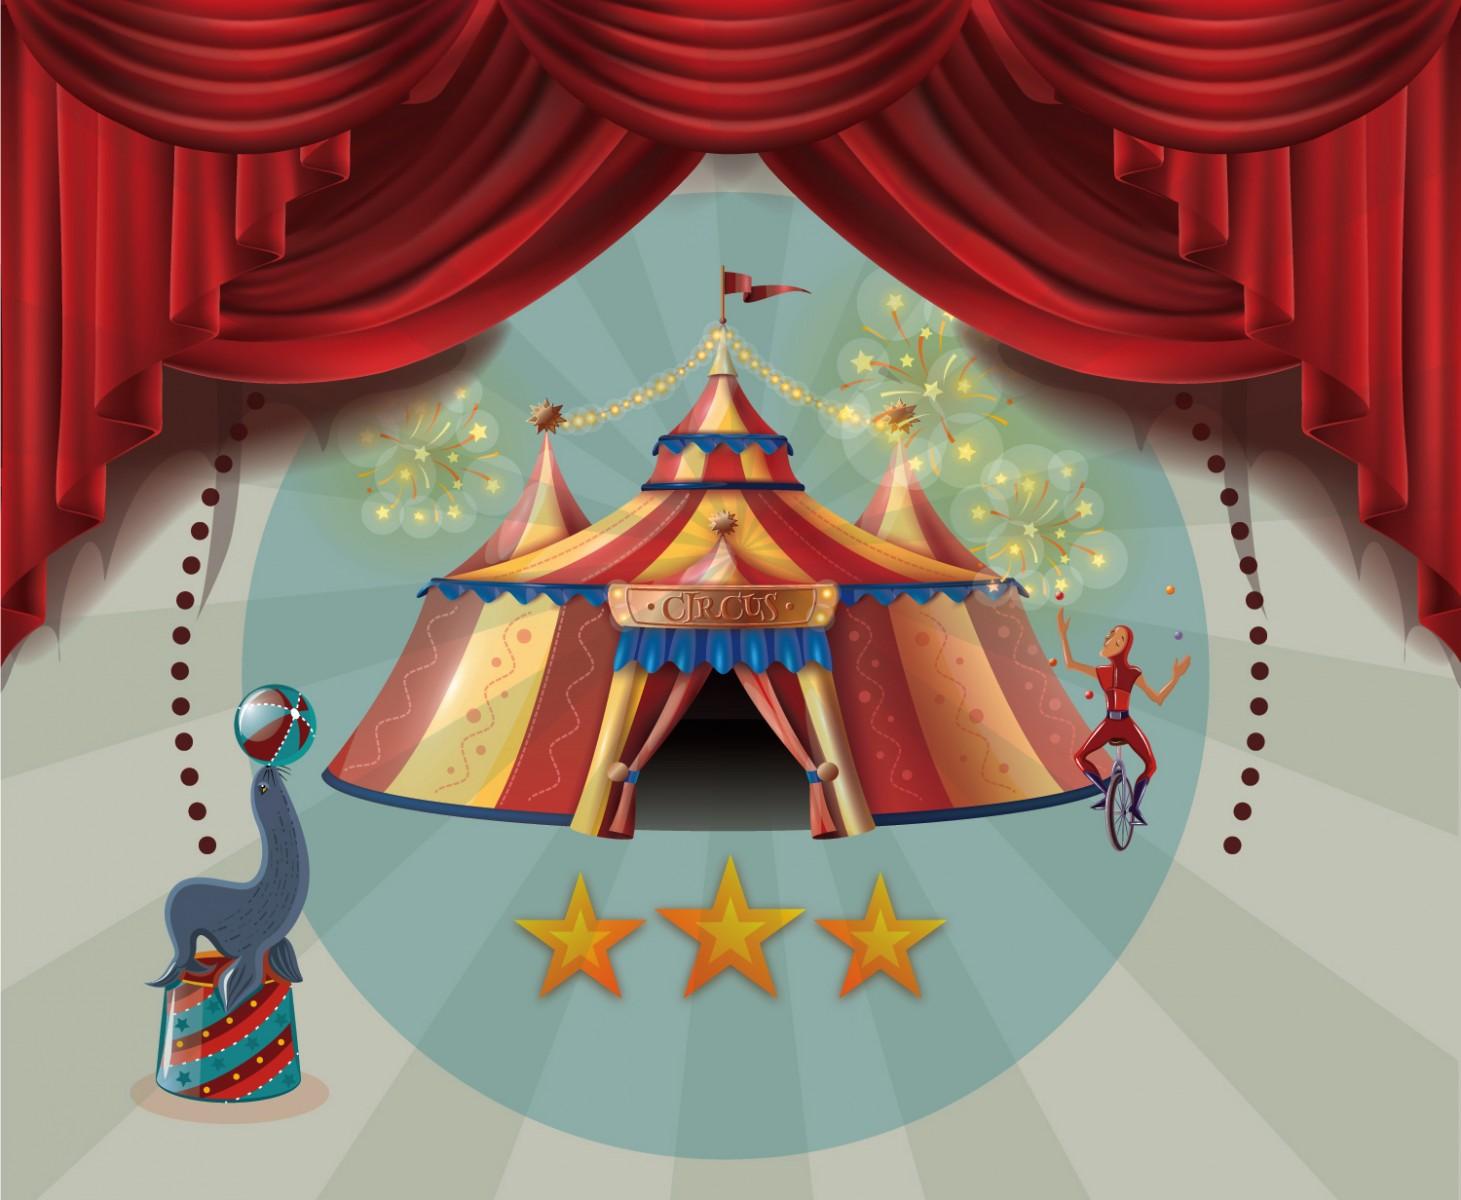 new-years-eve-2020-circus-night